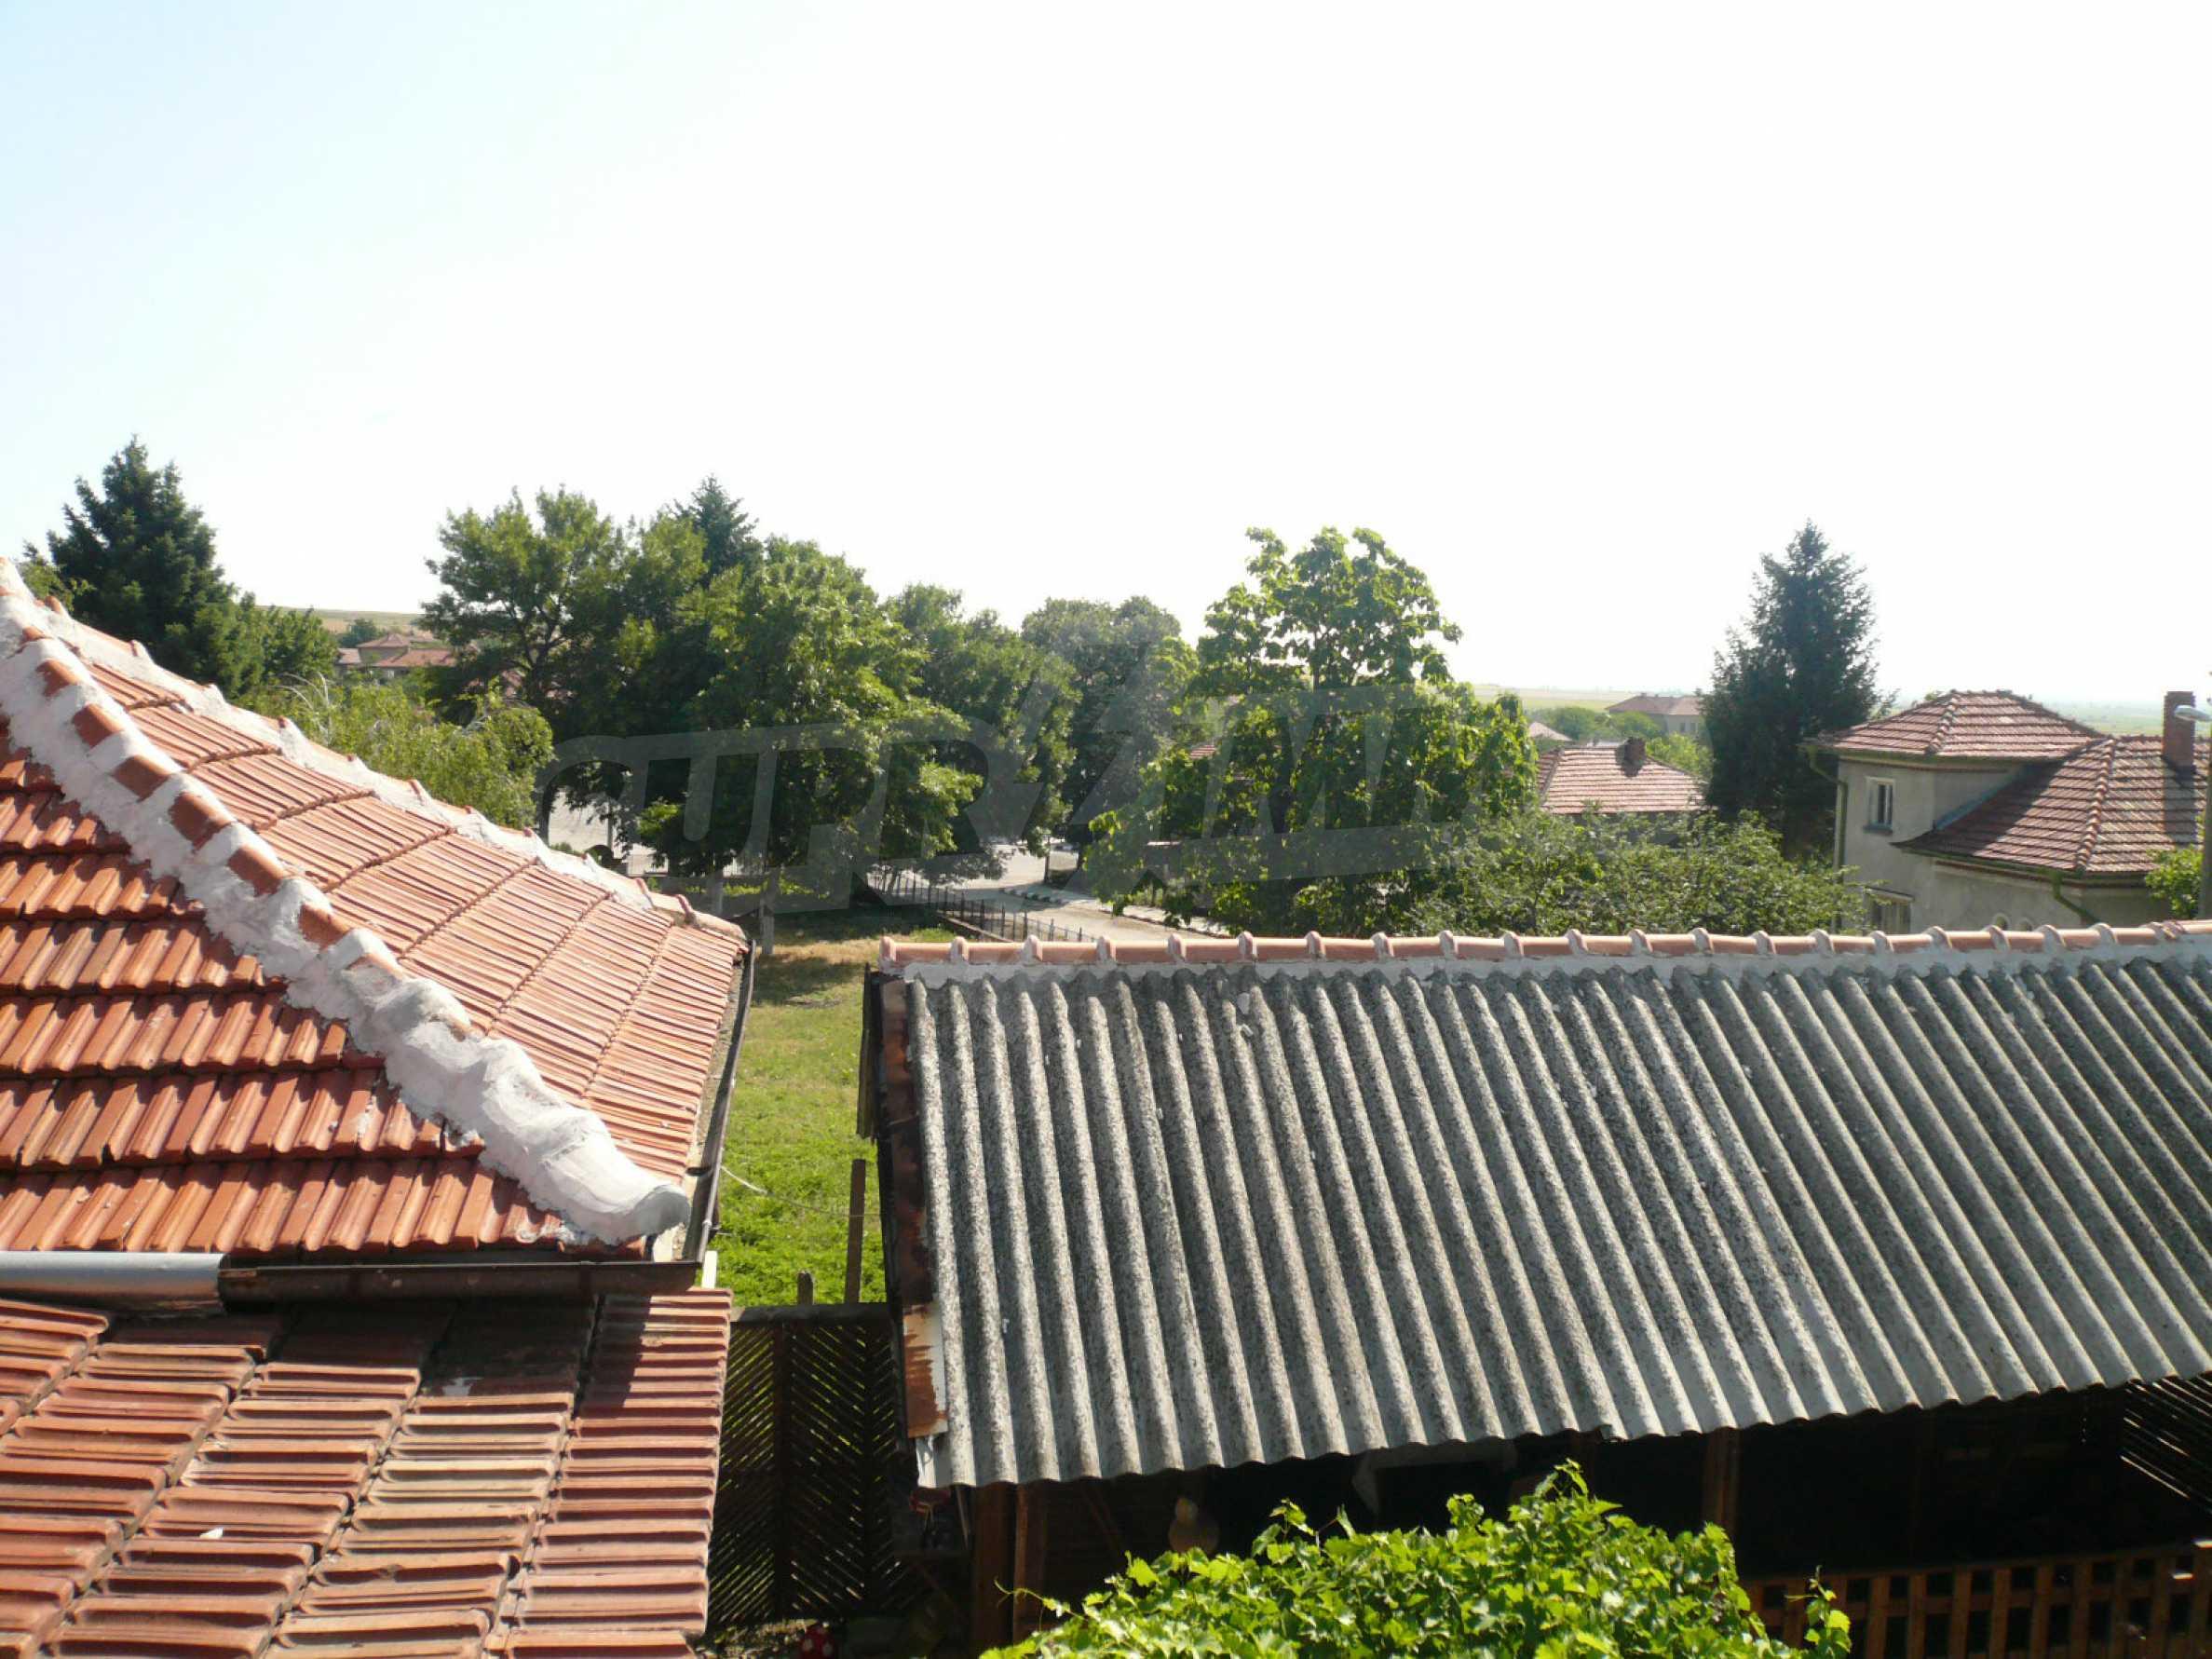 Ländliche Häuser mit einem Garten 12 km von Vidin entfernt 13